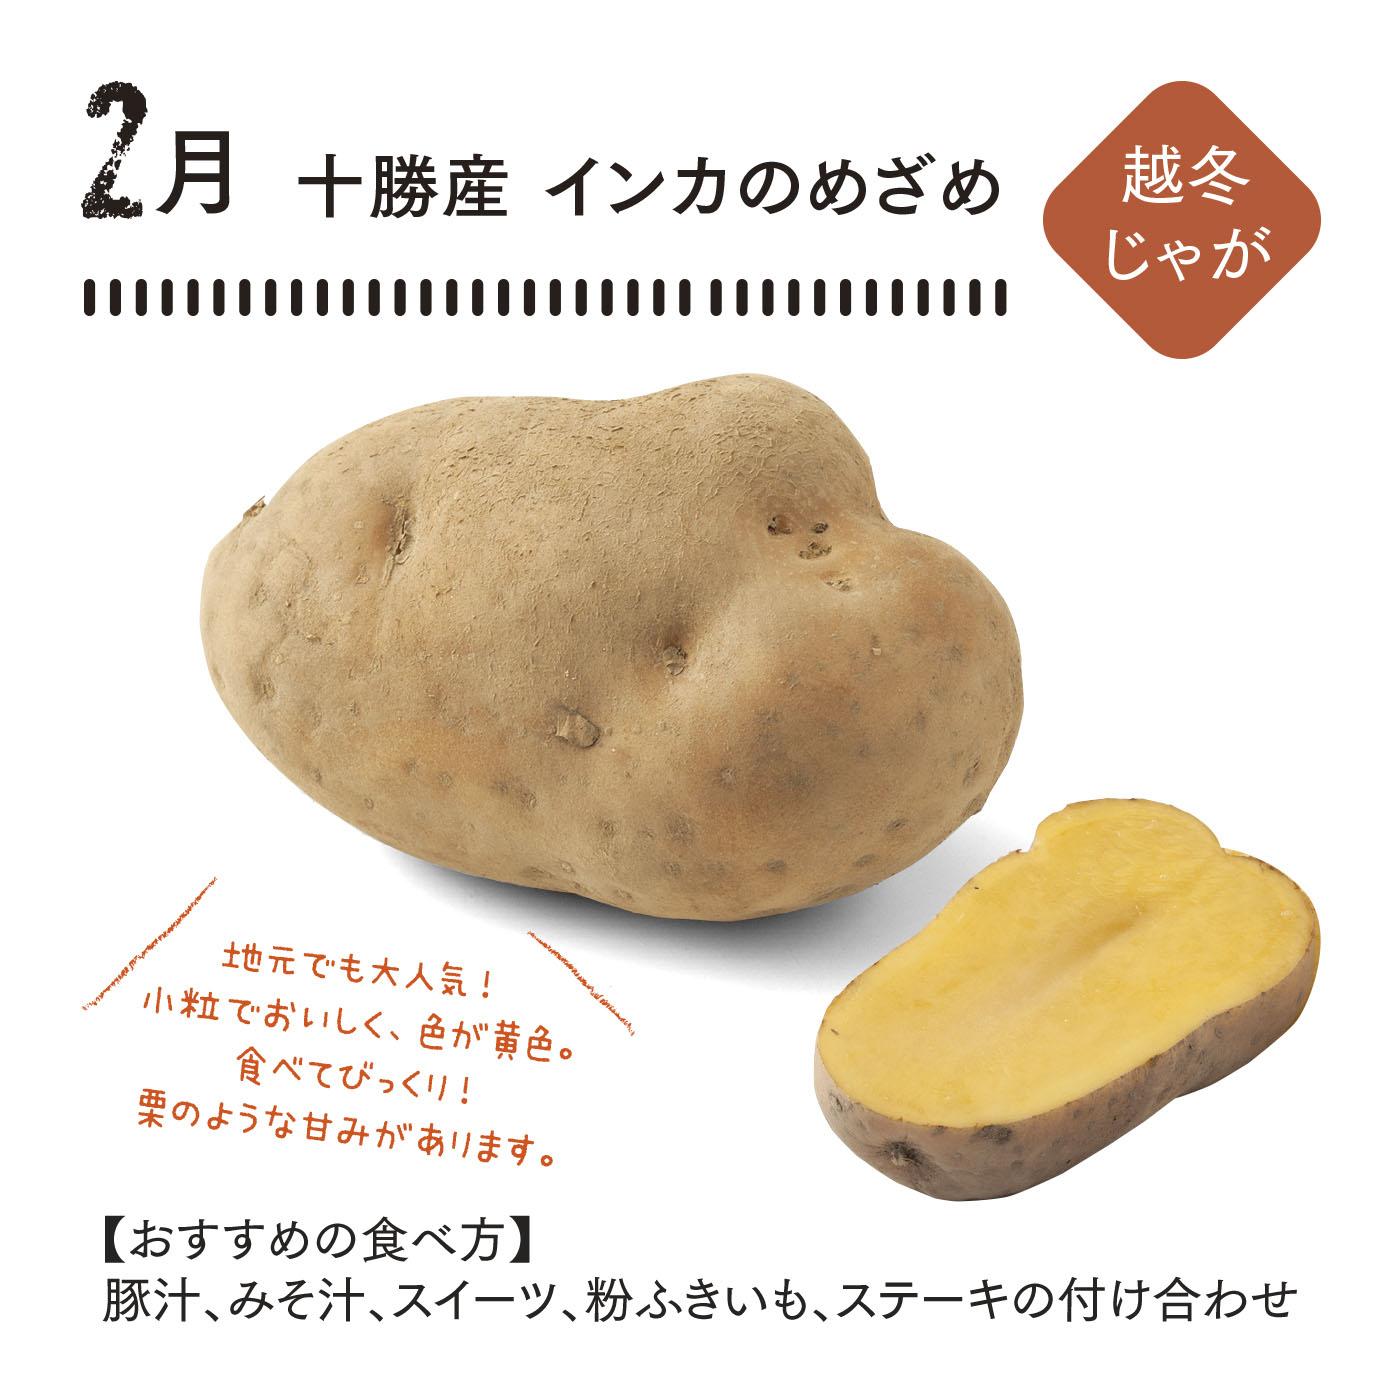 鮮やかな黄色が特徴で、糖度が高く、さつまいものような食感。上手に冷蔵保存すると春までもちます。 ■セット内容/Mサイズ2㎏(30~45玉程度)